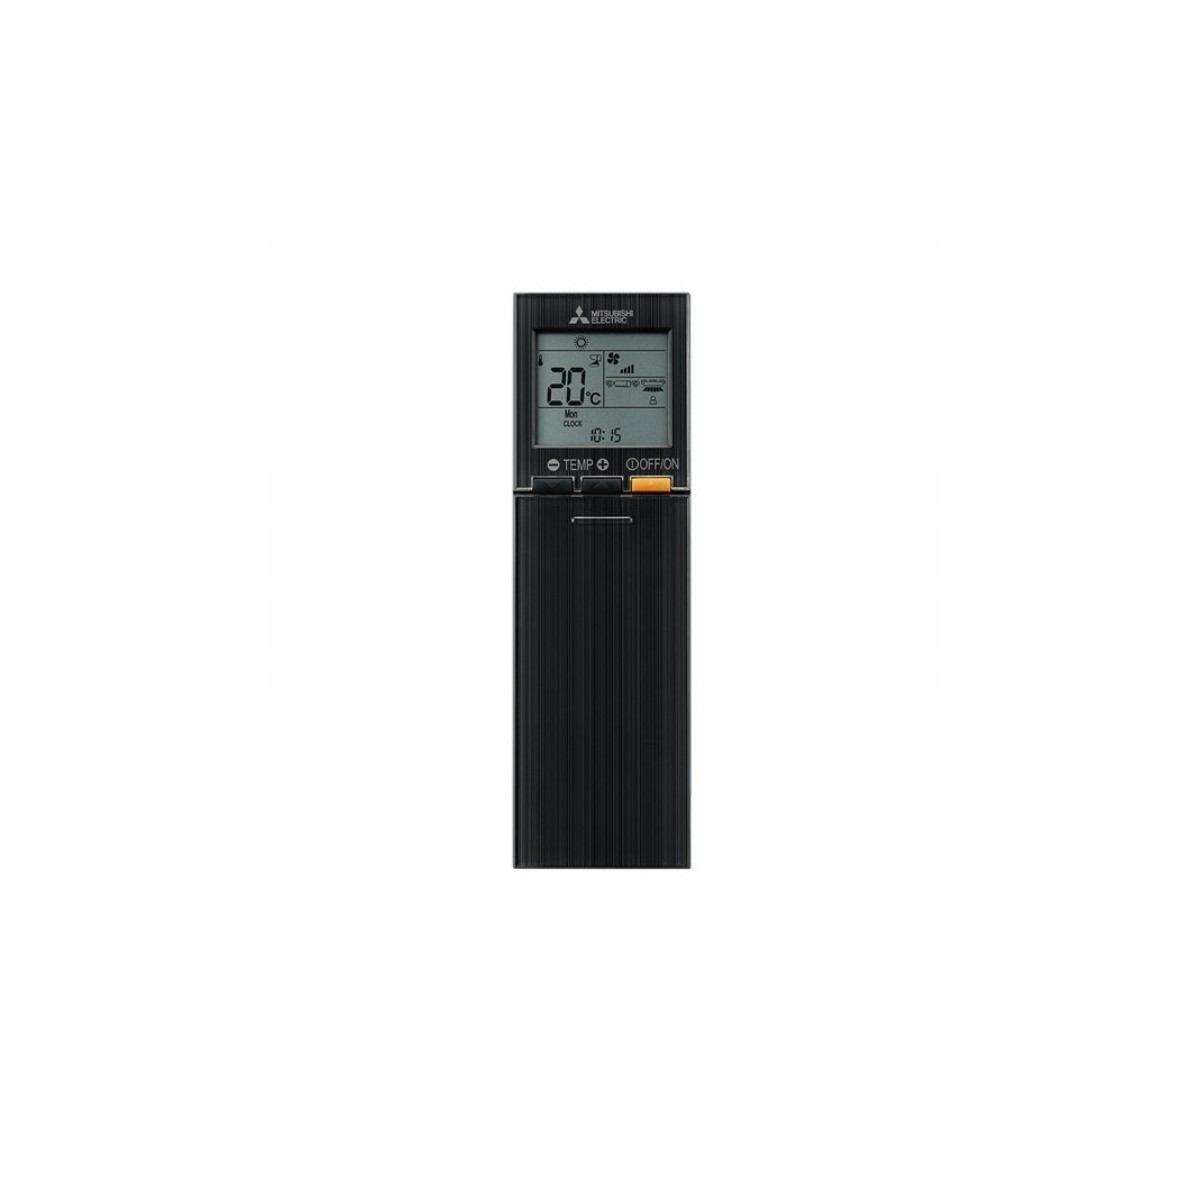 Mitsubishi Electric Klima Uređaj Msz Ln50vgb Muz Ln50vg